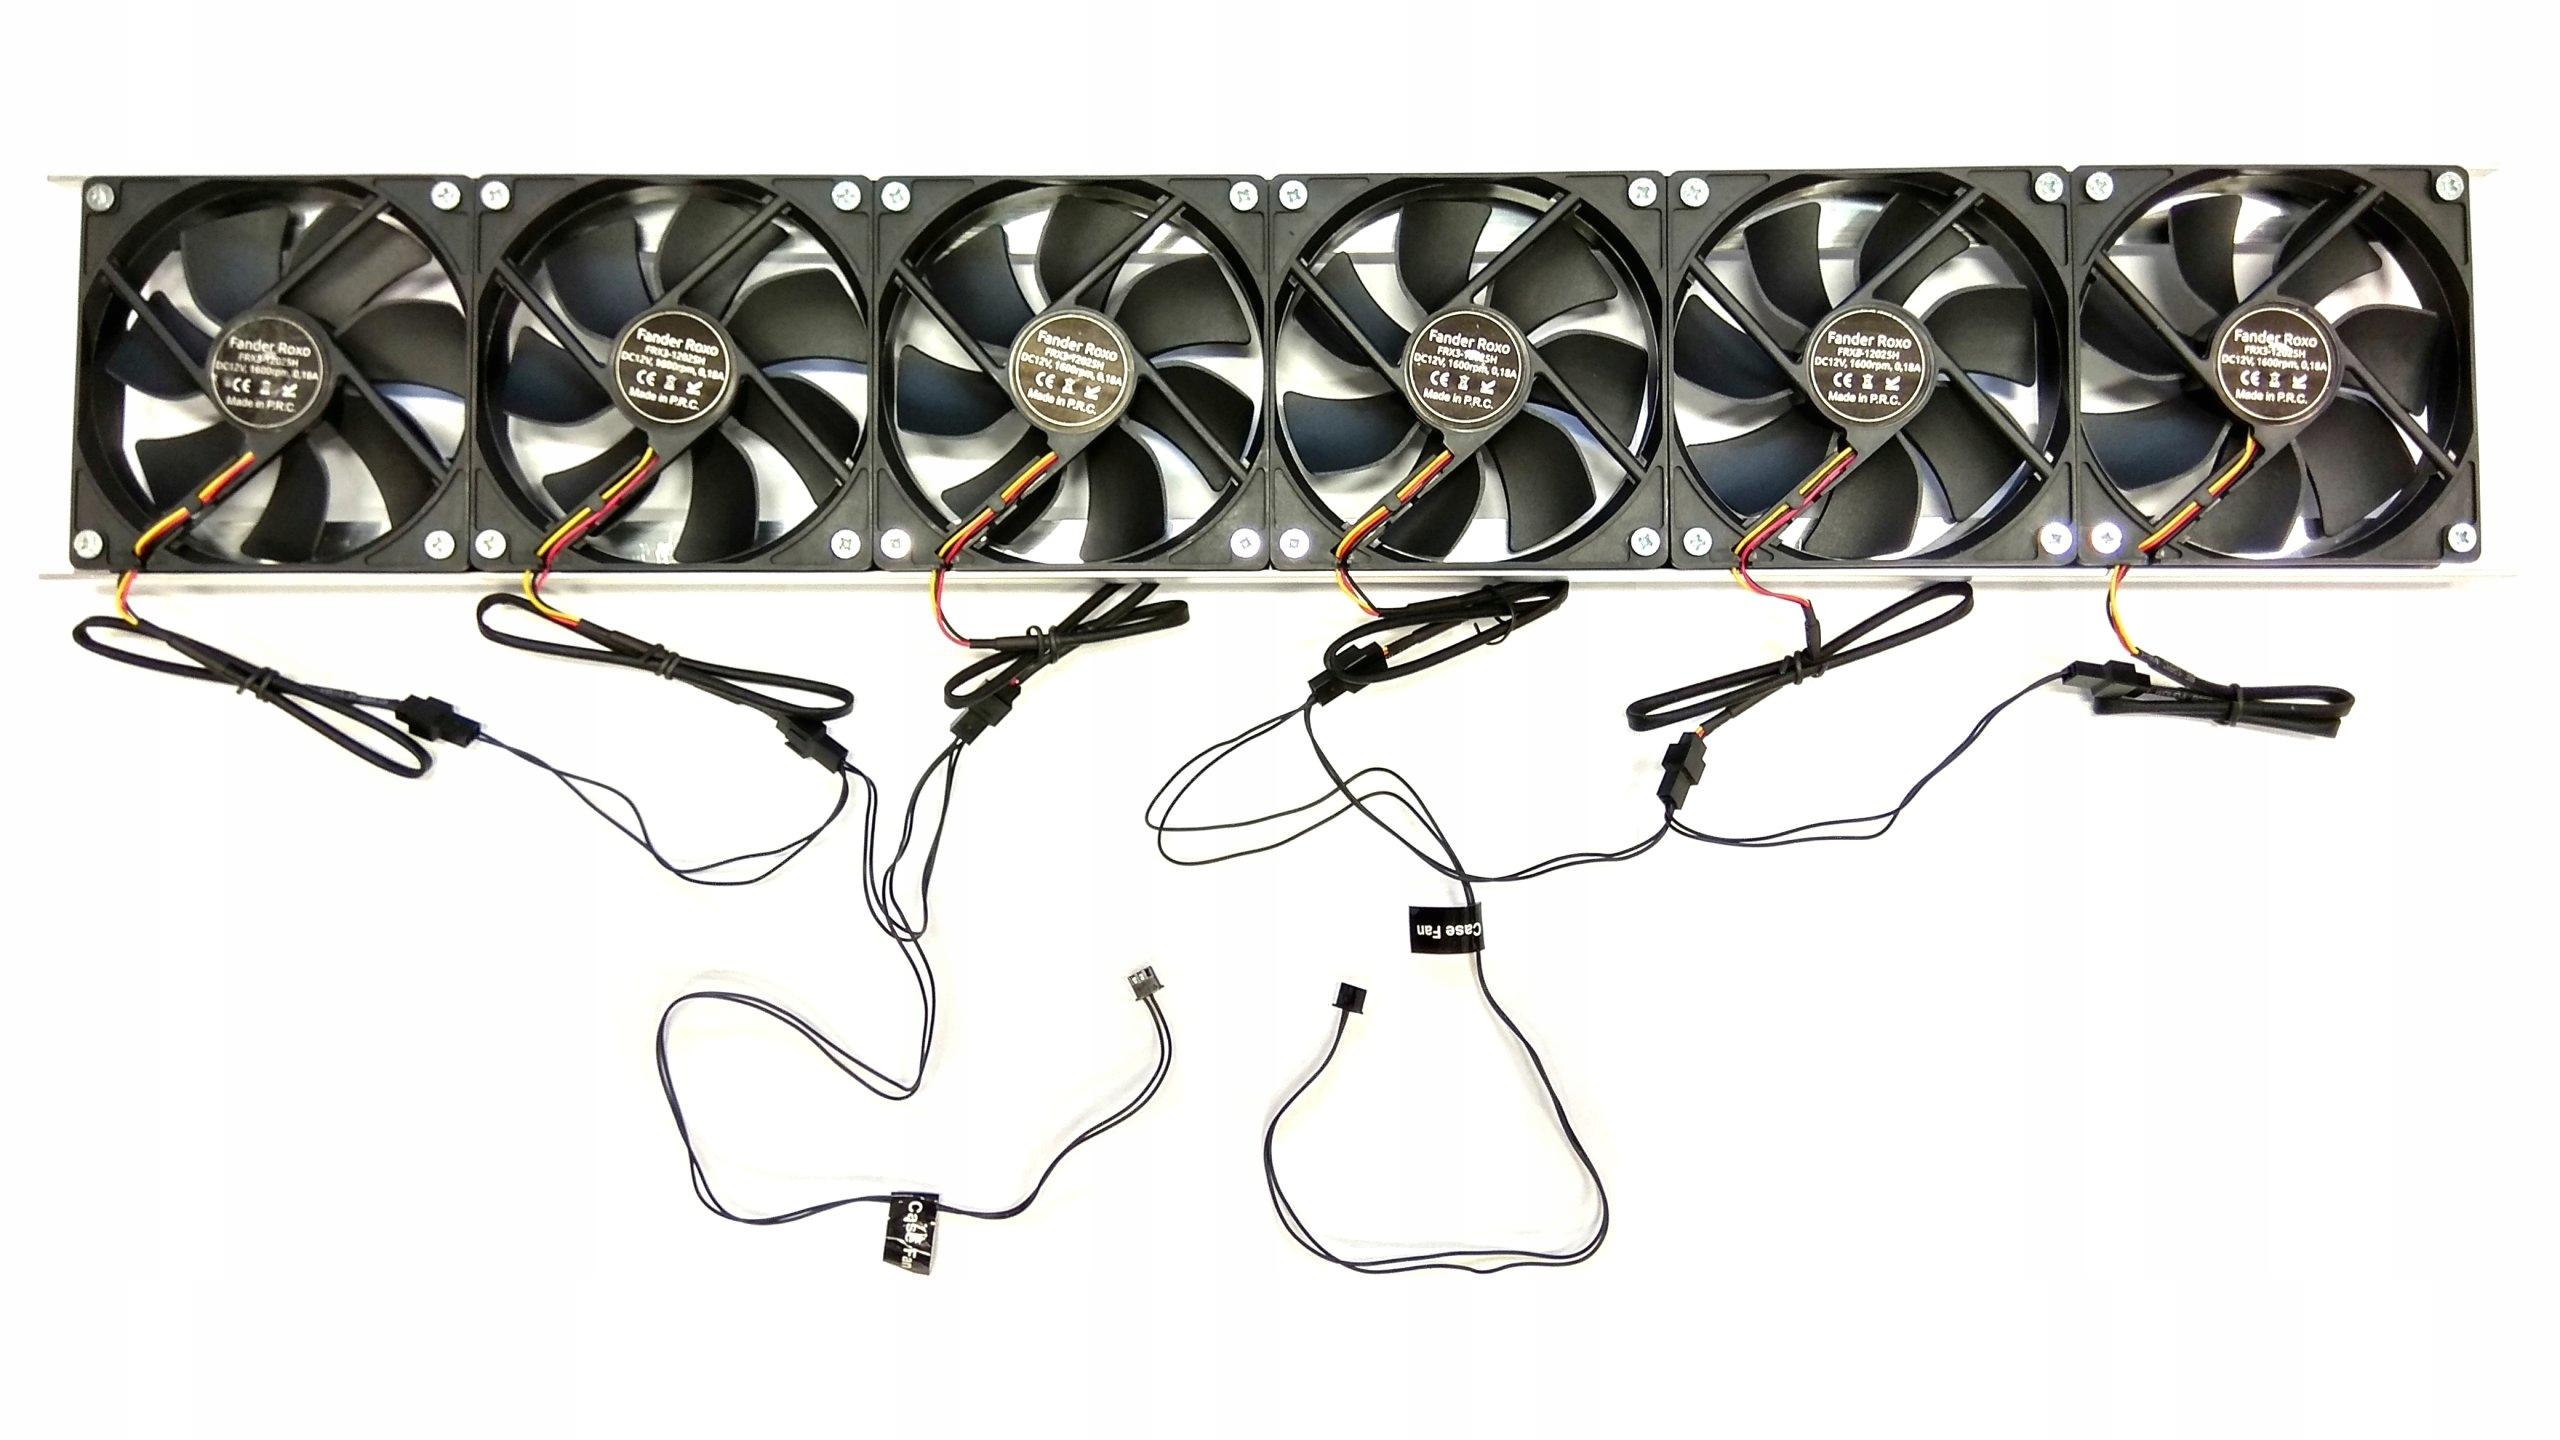 Chłodzenie do koparki 6 wentylatorów 134,8 m3/h